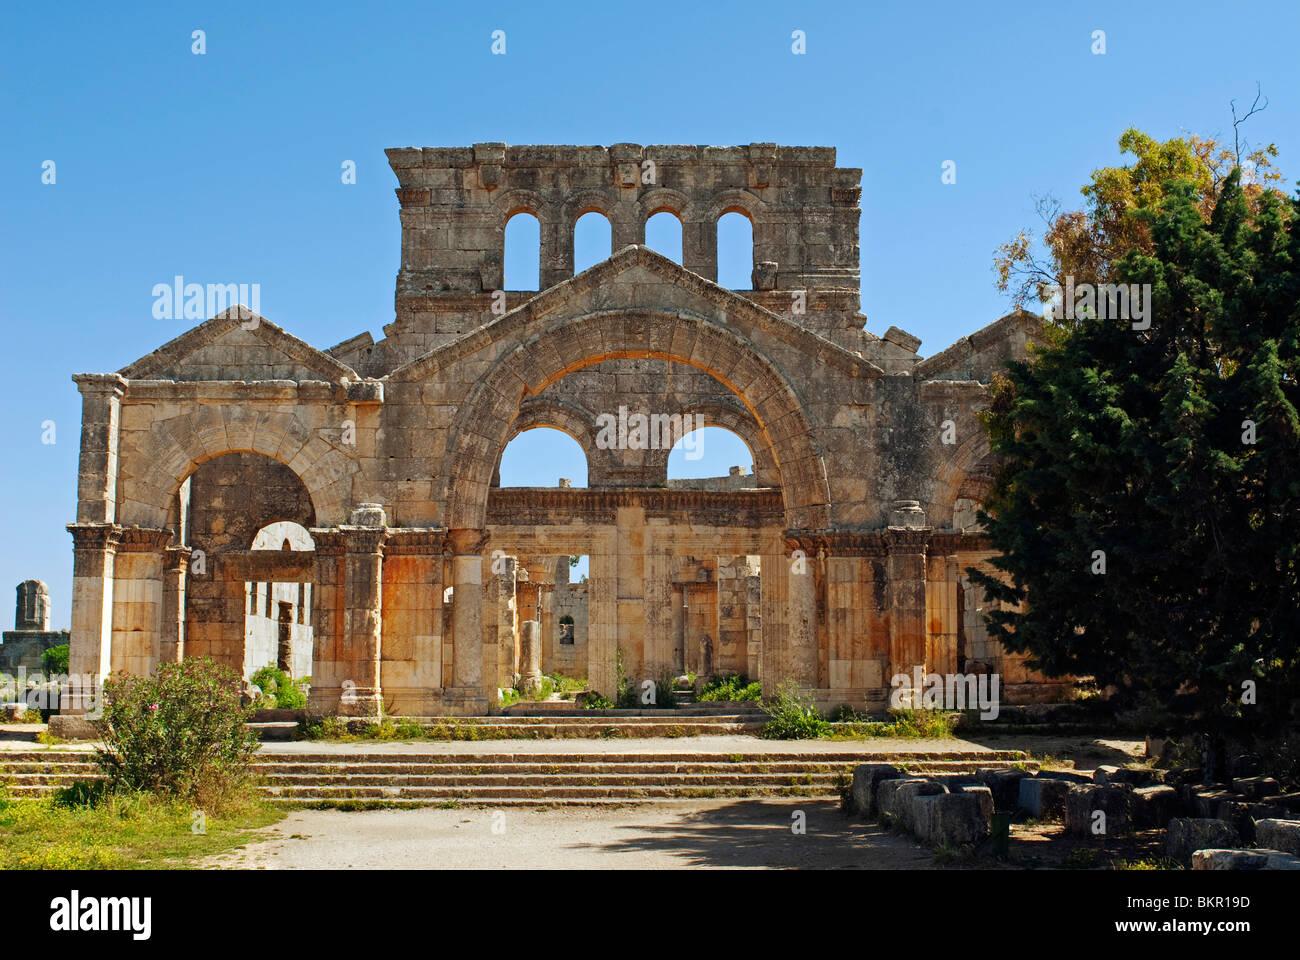 Syria, Aleppo. The monastery of St Simeon. - Stock Image